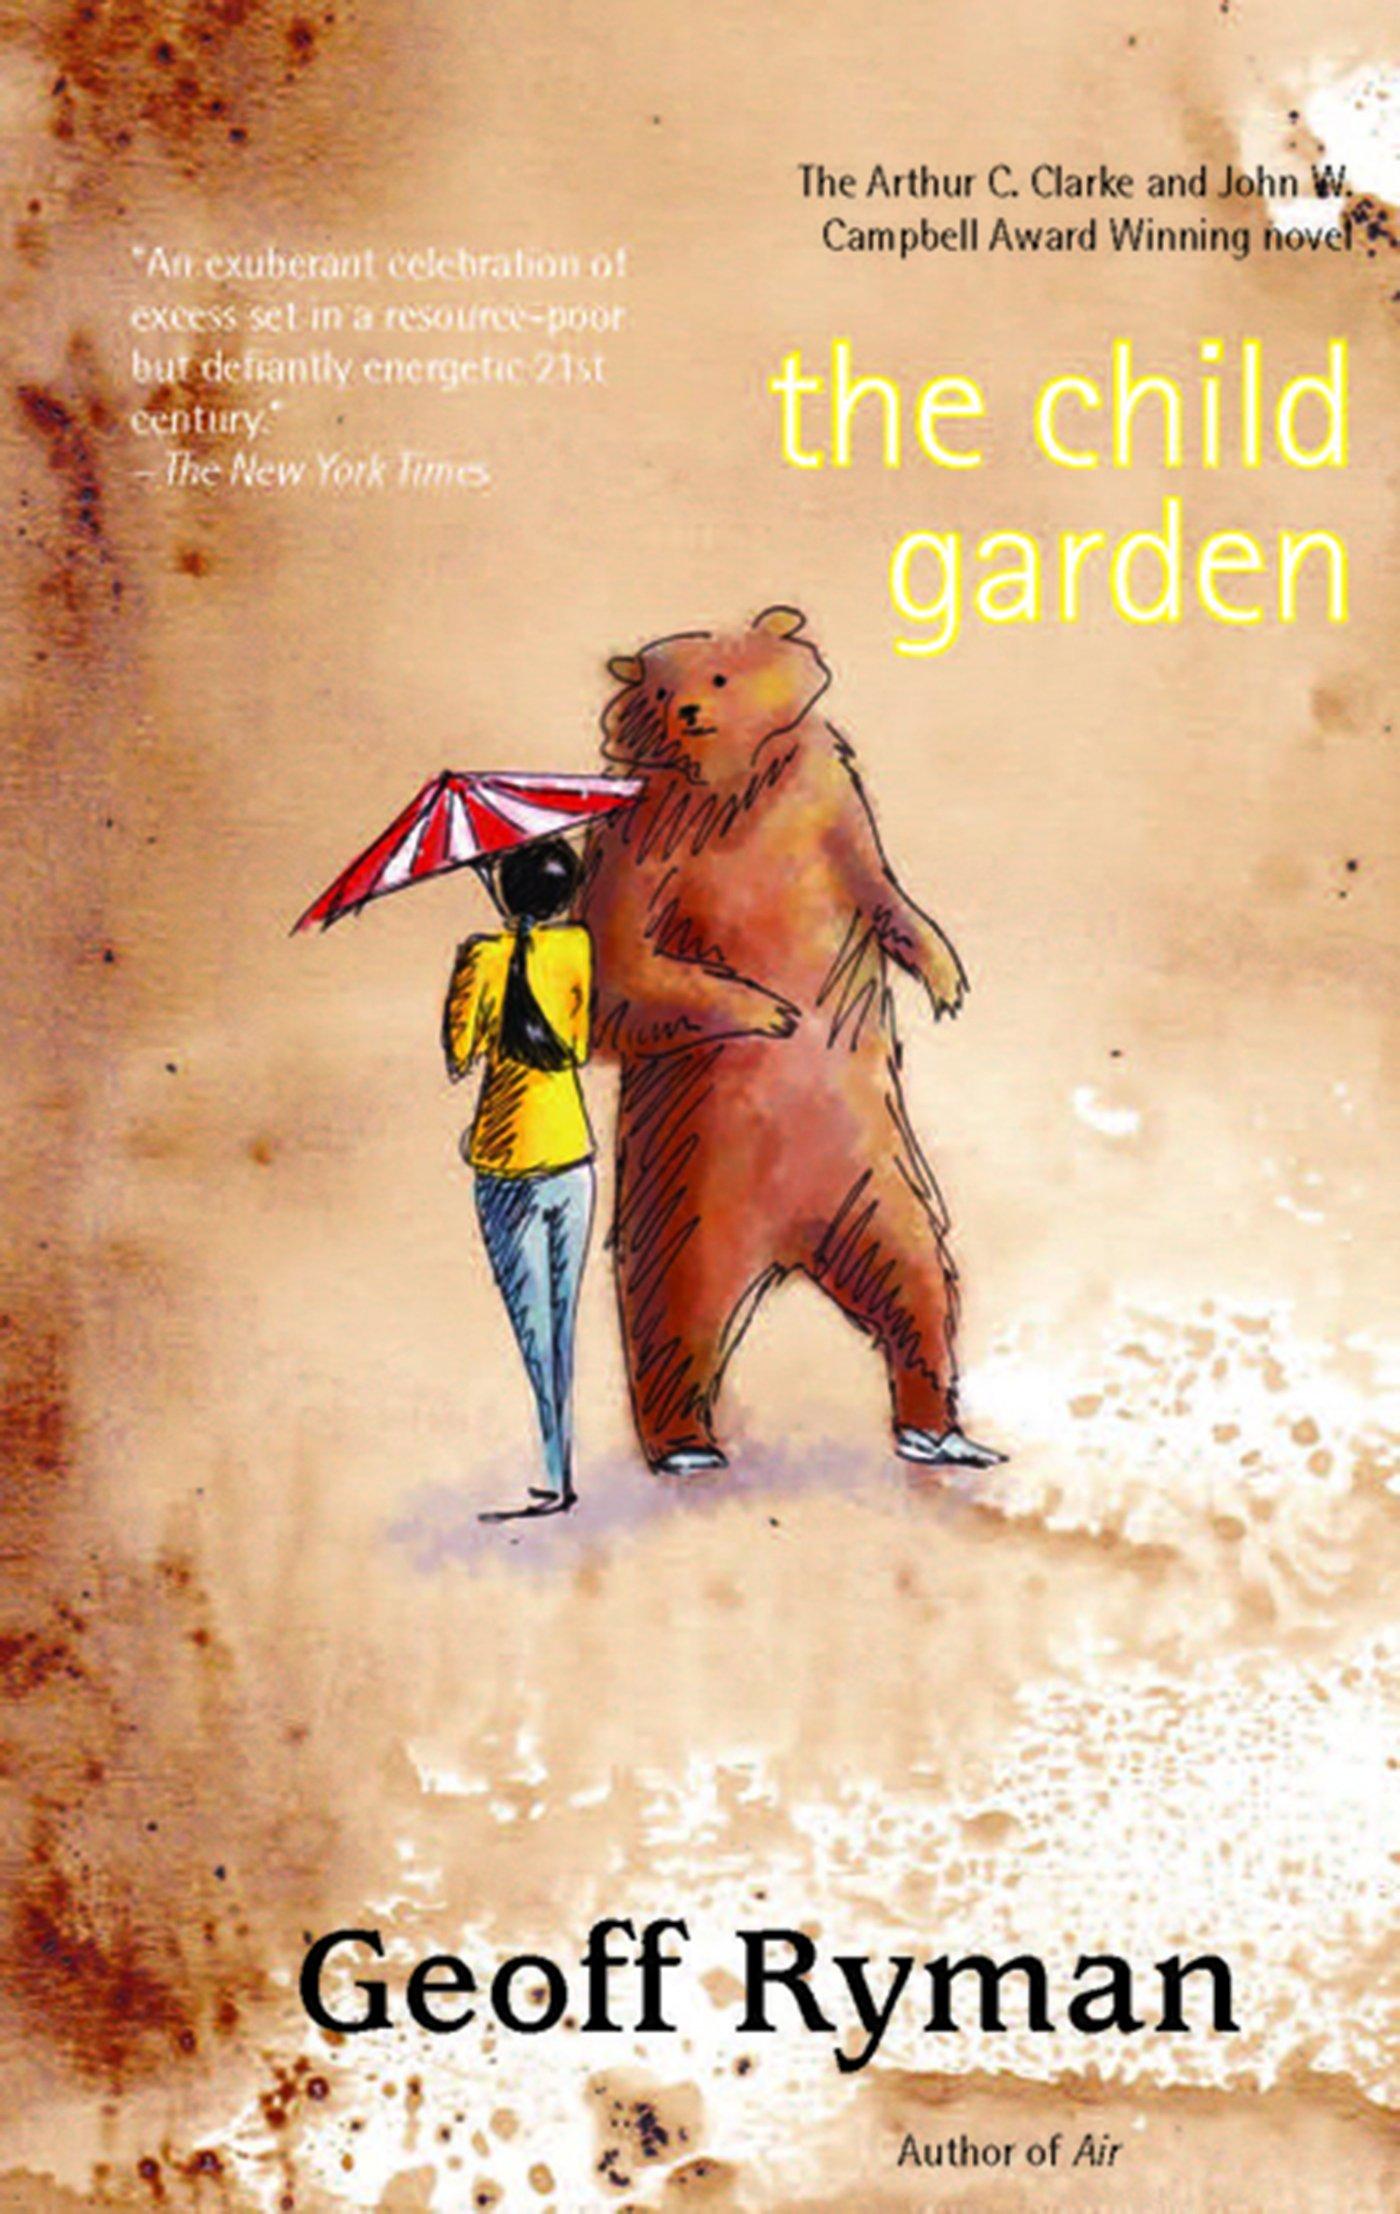 The Child Garden: A Lowedy: Geoff Ryman: 9781931520287: Amazon:  Books